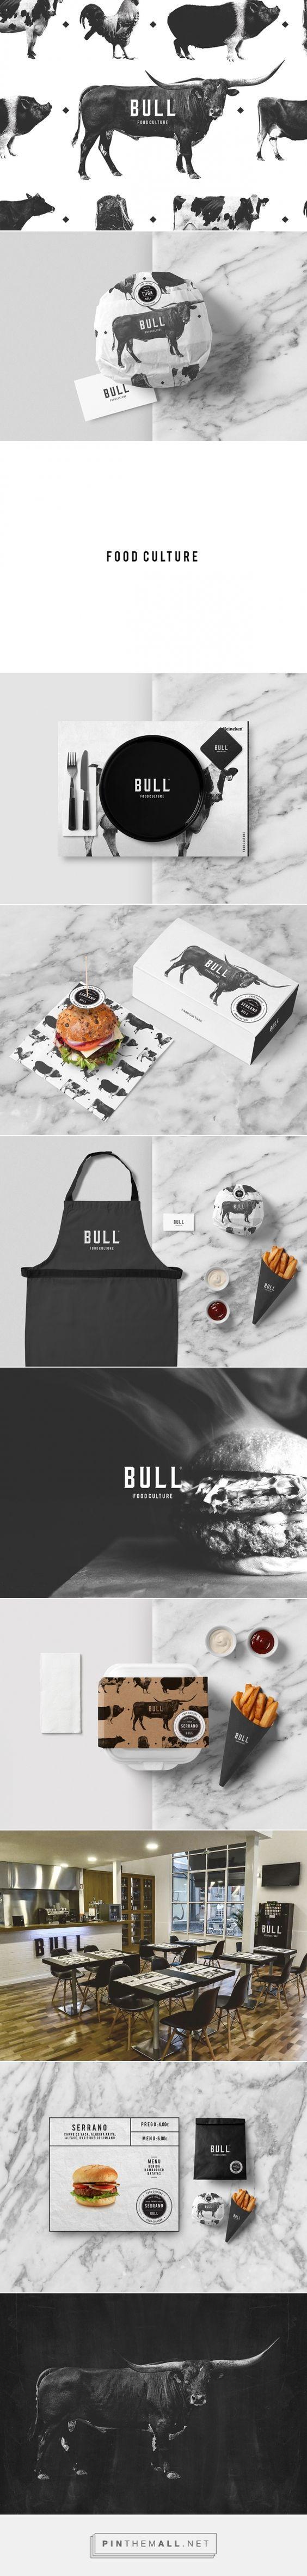 Bull Branding | Fivestar Branding – Design and Branding Agency & Inspiration Gallery